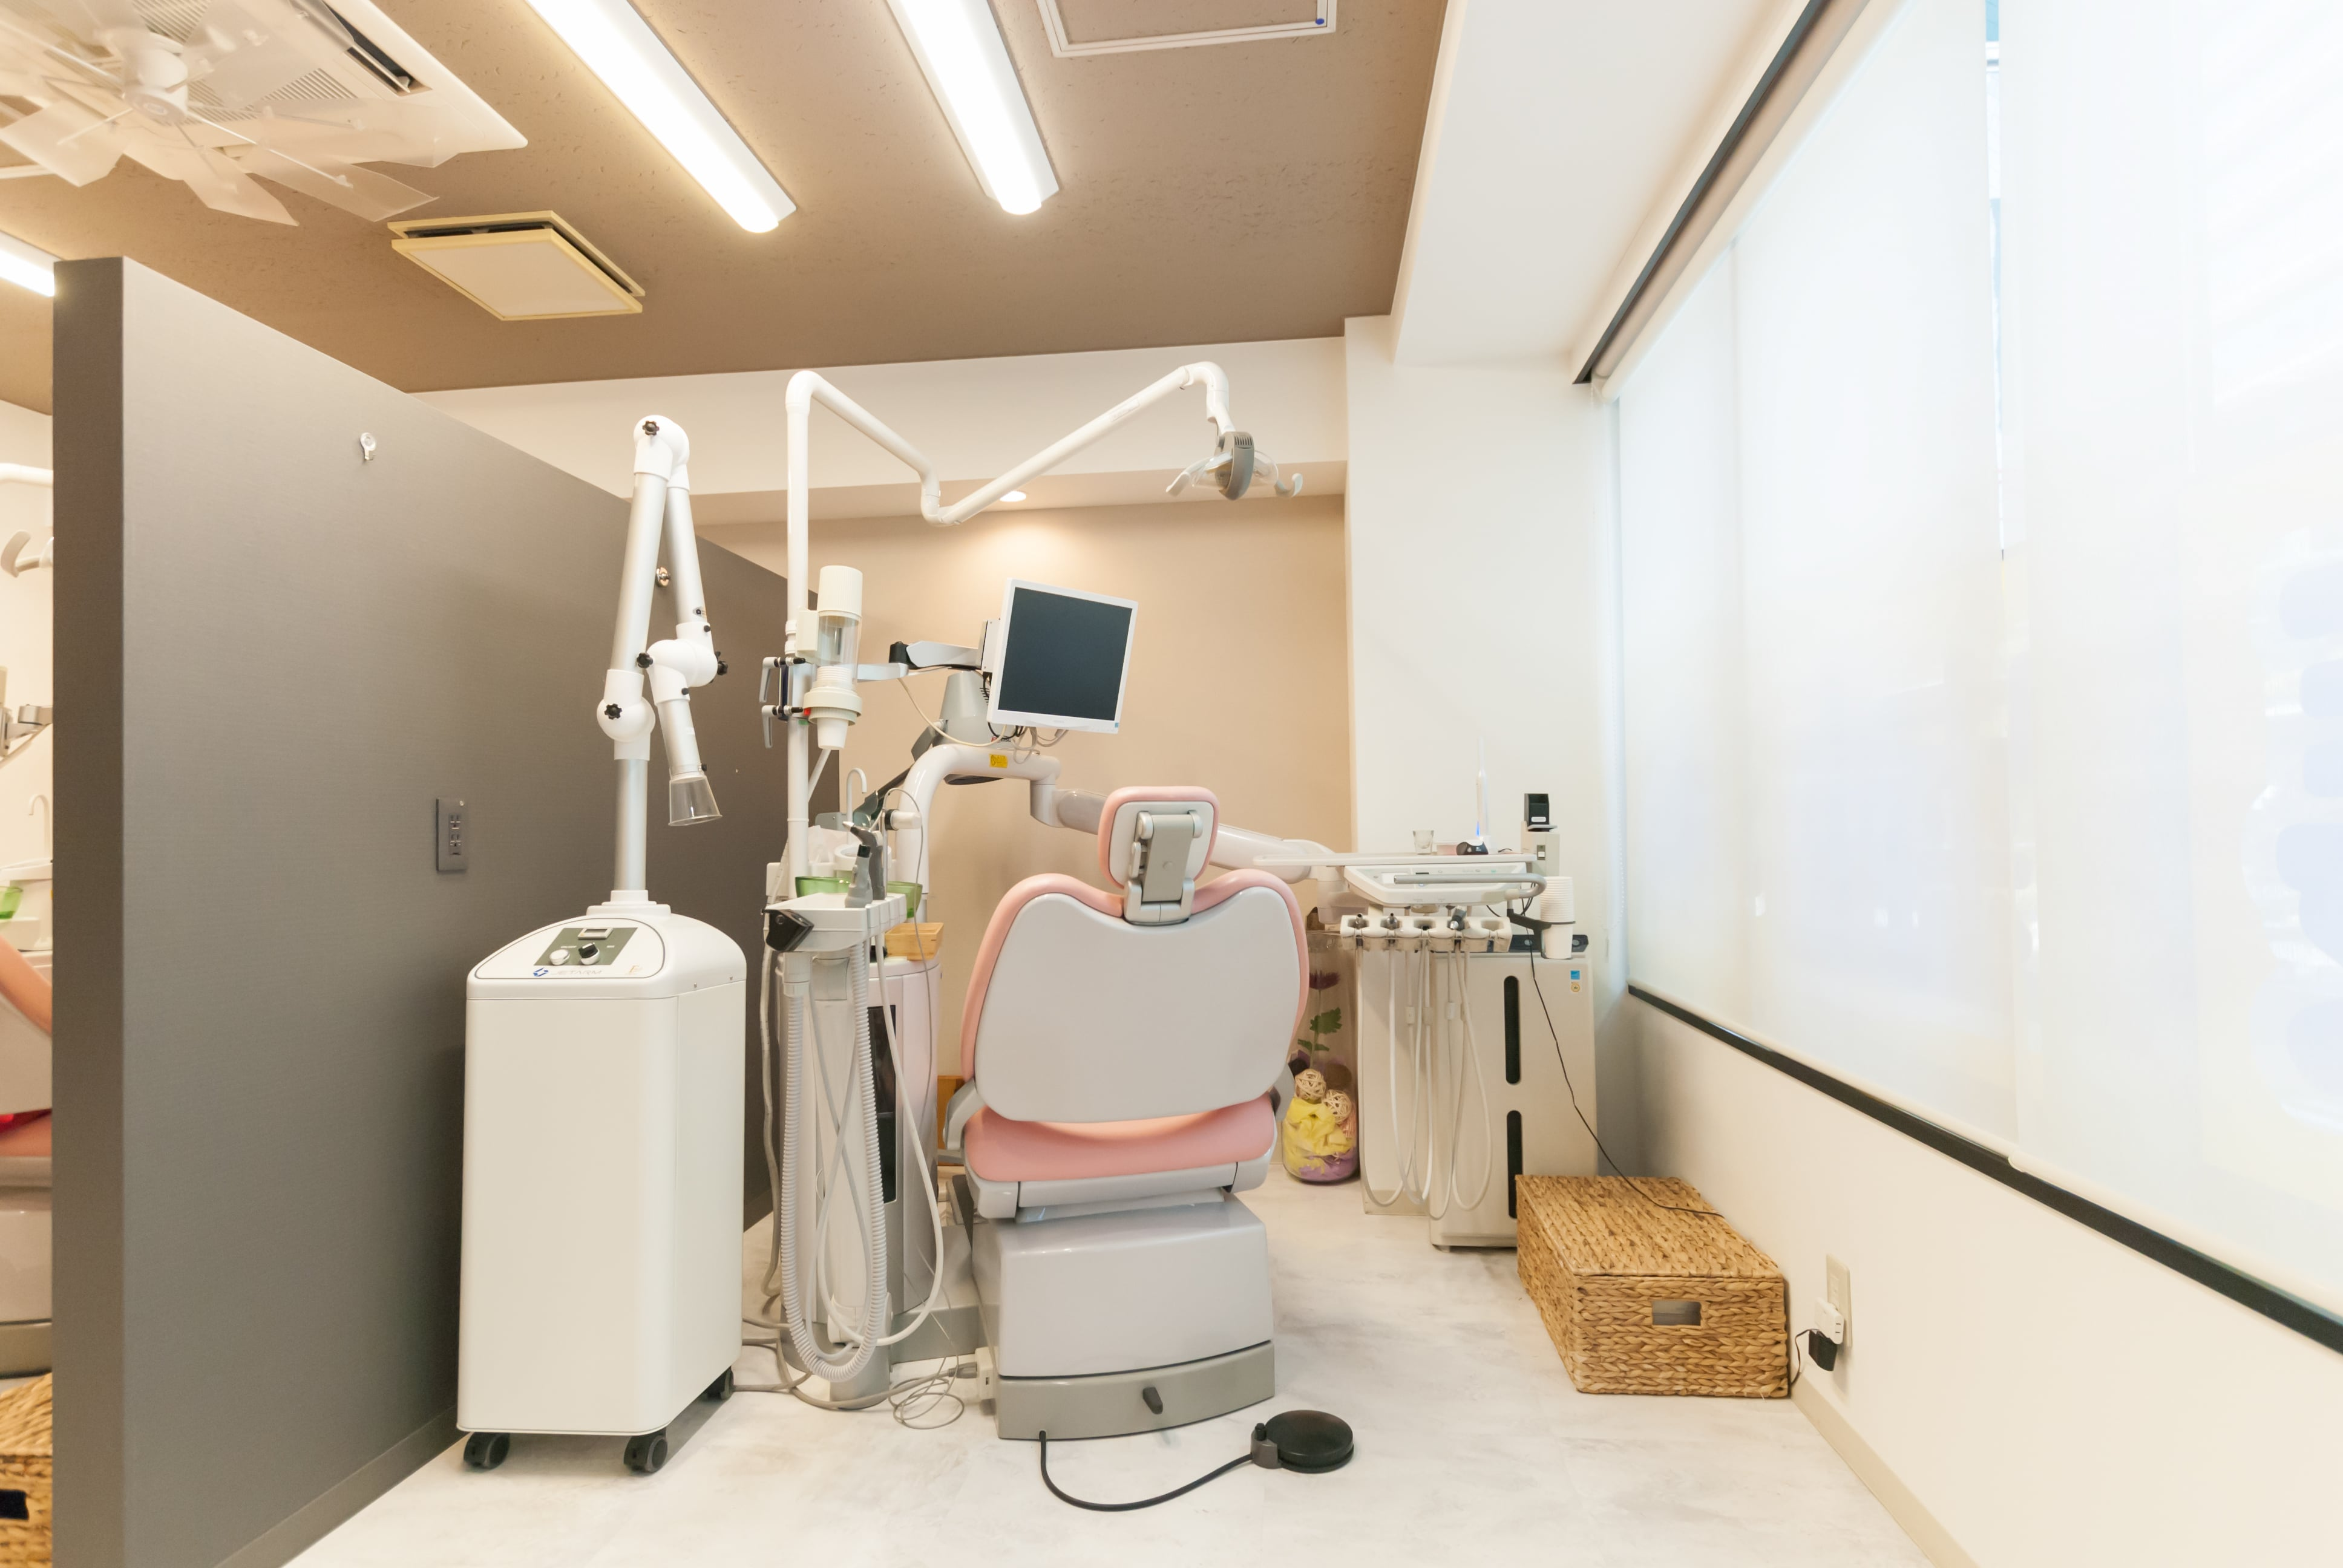 5月17日(月)1000円!歯とお口のお悩みオンライン講座&相談会 ベテラン歯医者が、一生、自分の歯で、健康に生きる秘訣、教えますのイメージその3